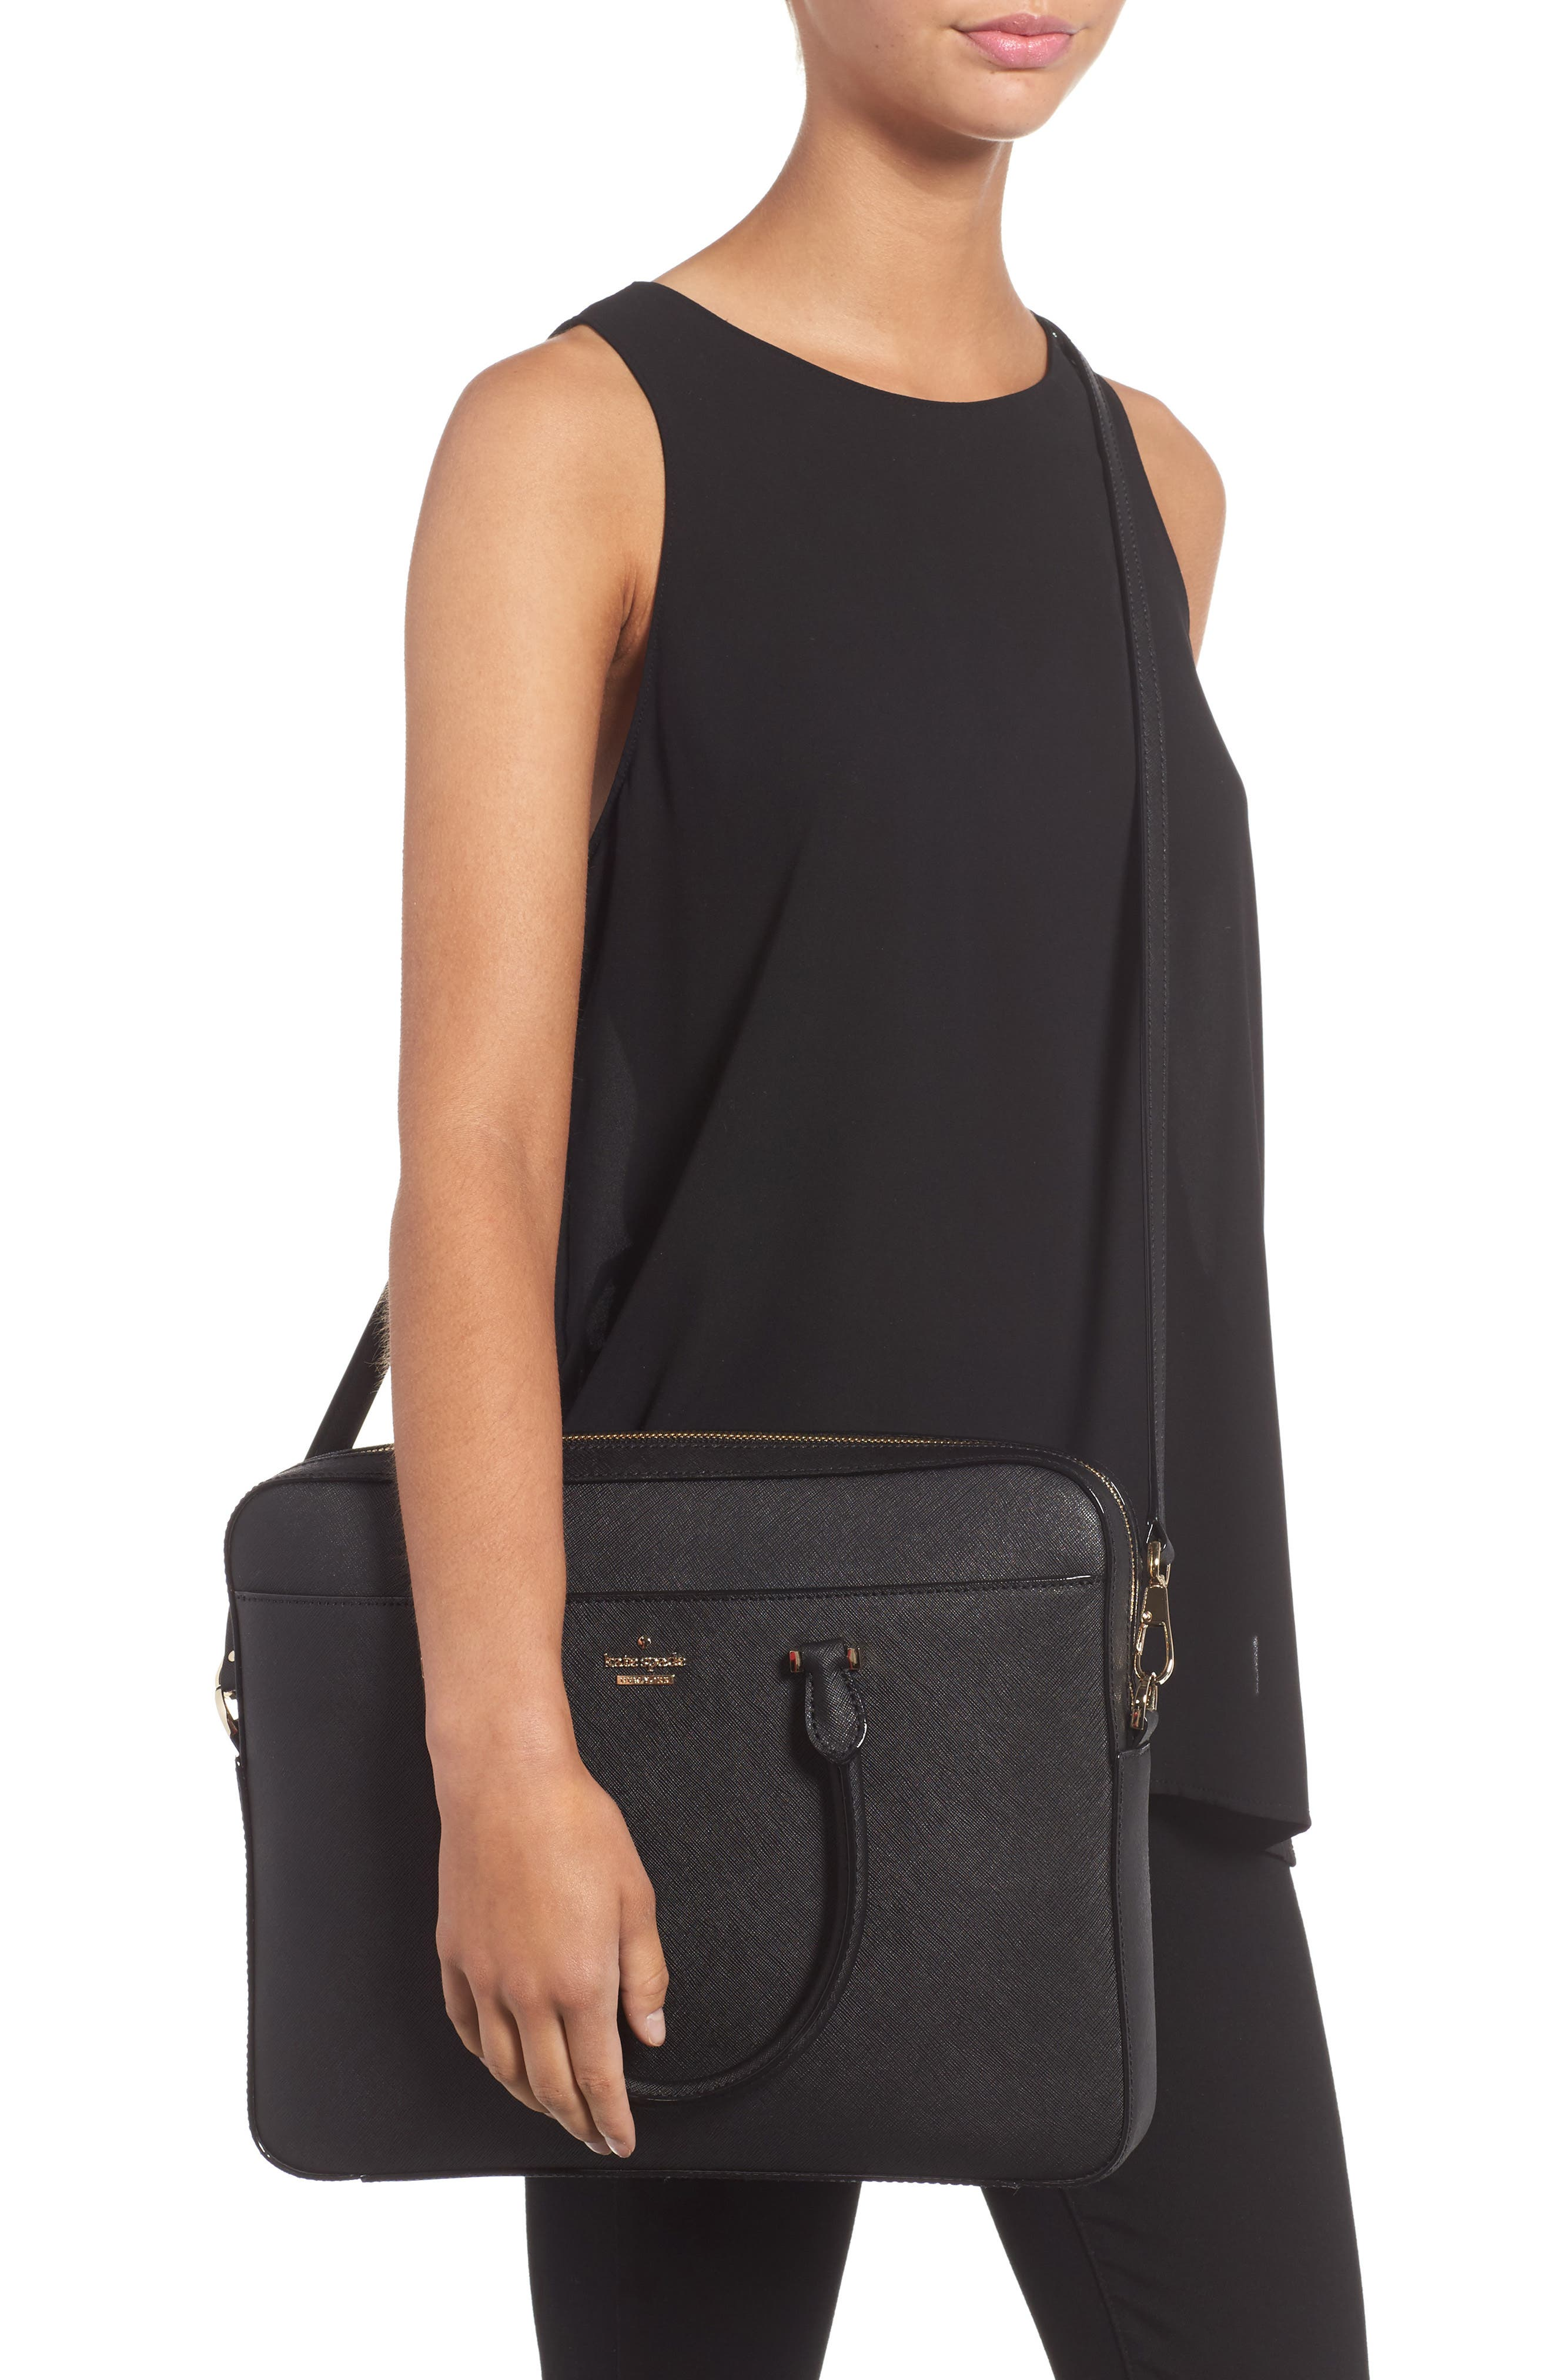 saffiano leather laptop bag,                             Alternate thumbnail 2, color,                             BLACK